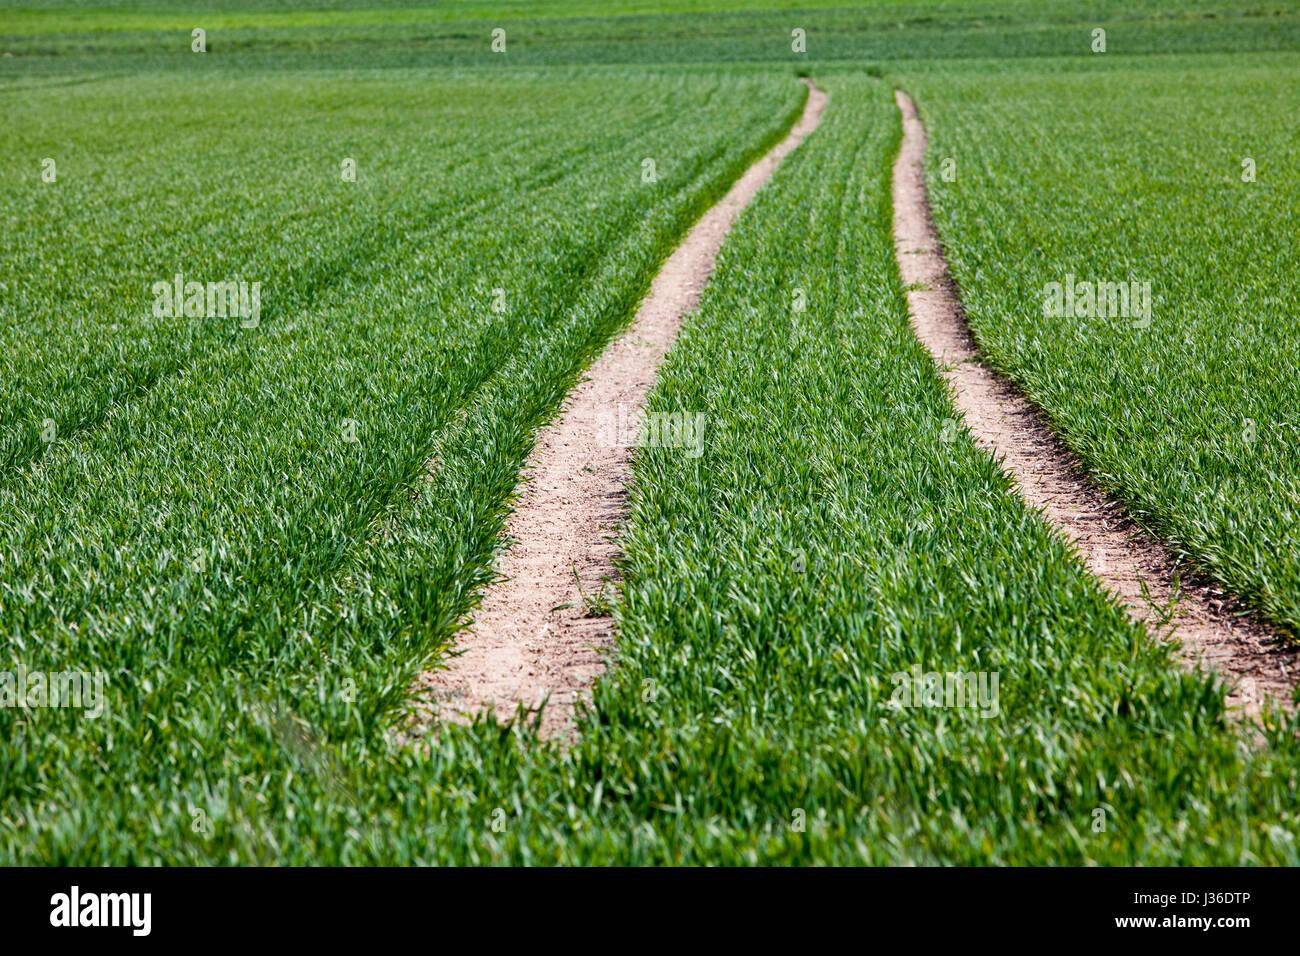 Landwirtschaftliche Flächen in der Nähe von dem Dorf Gewissenruh, oberen Wesertals, Weserbergland, Weserbergland, Stockbild